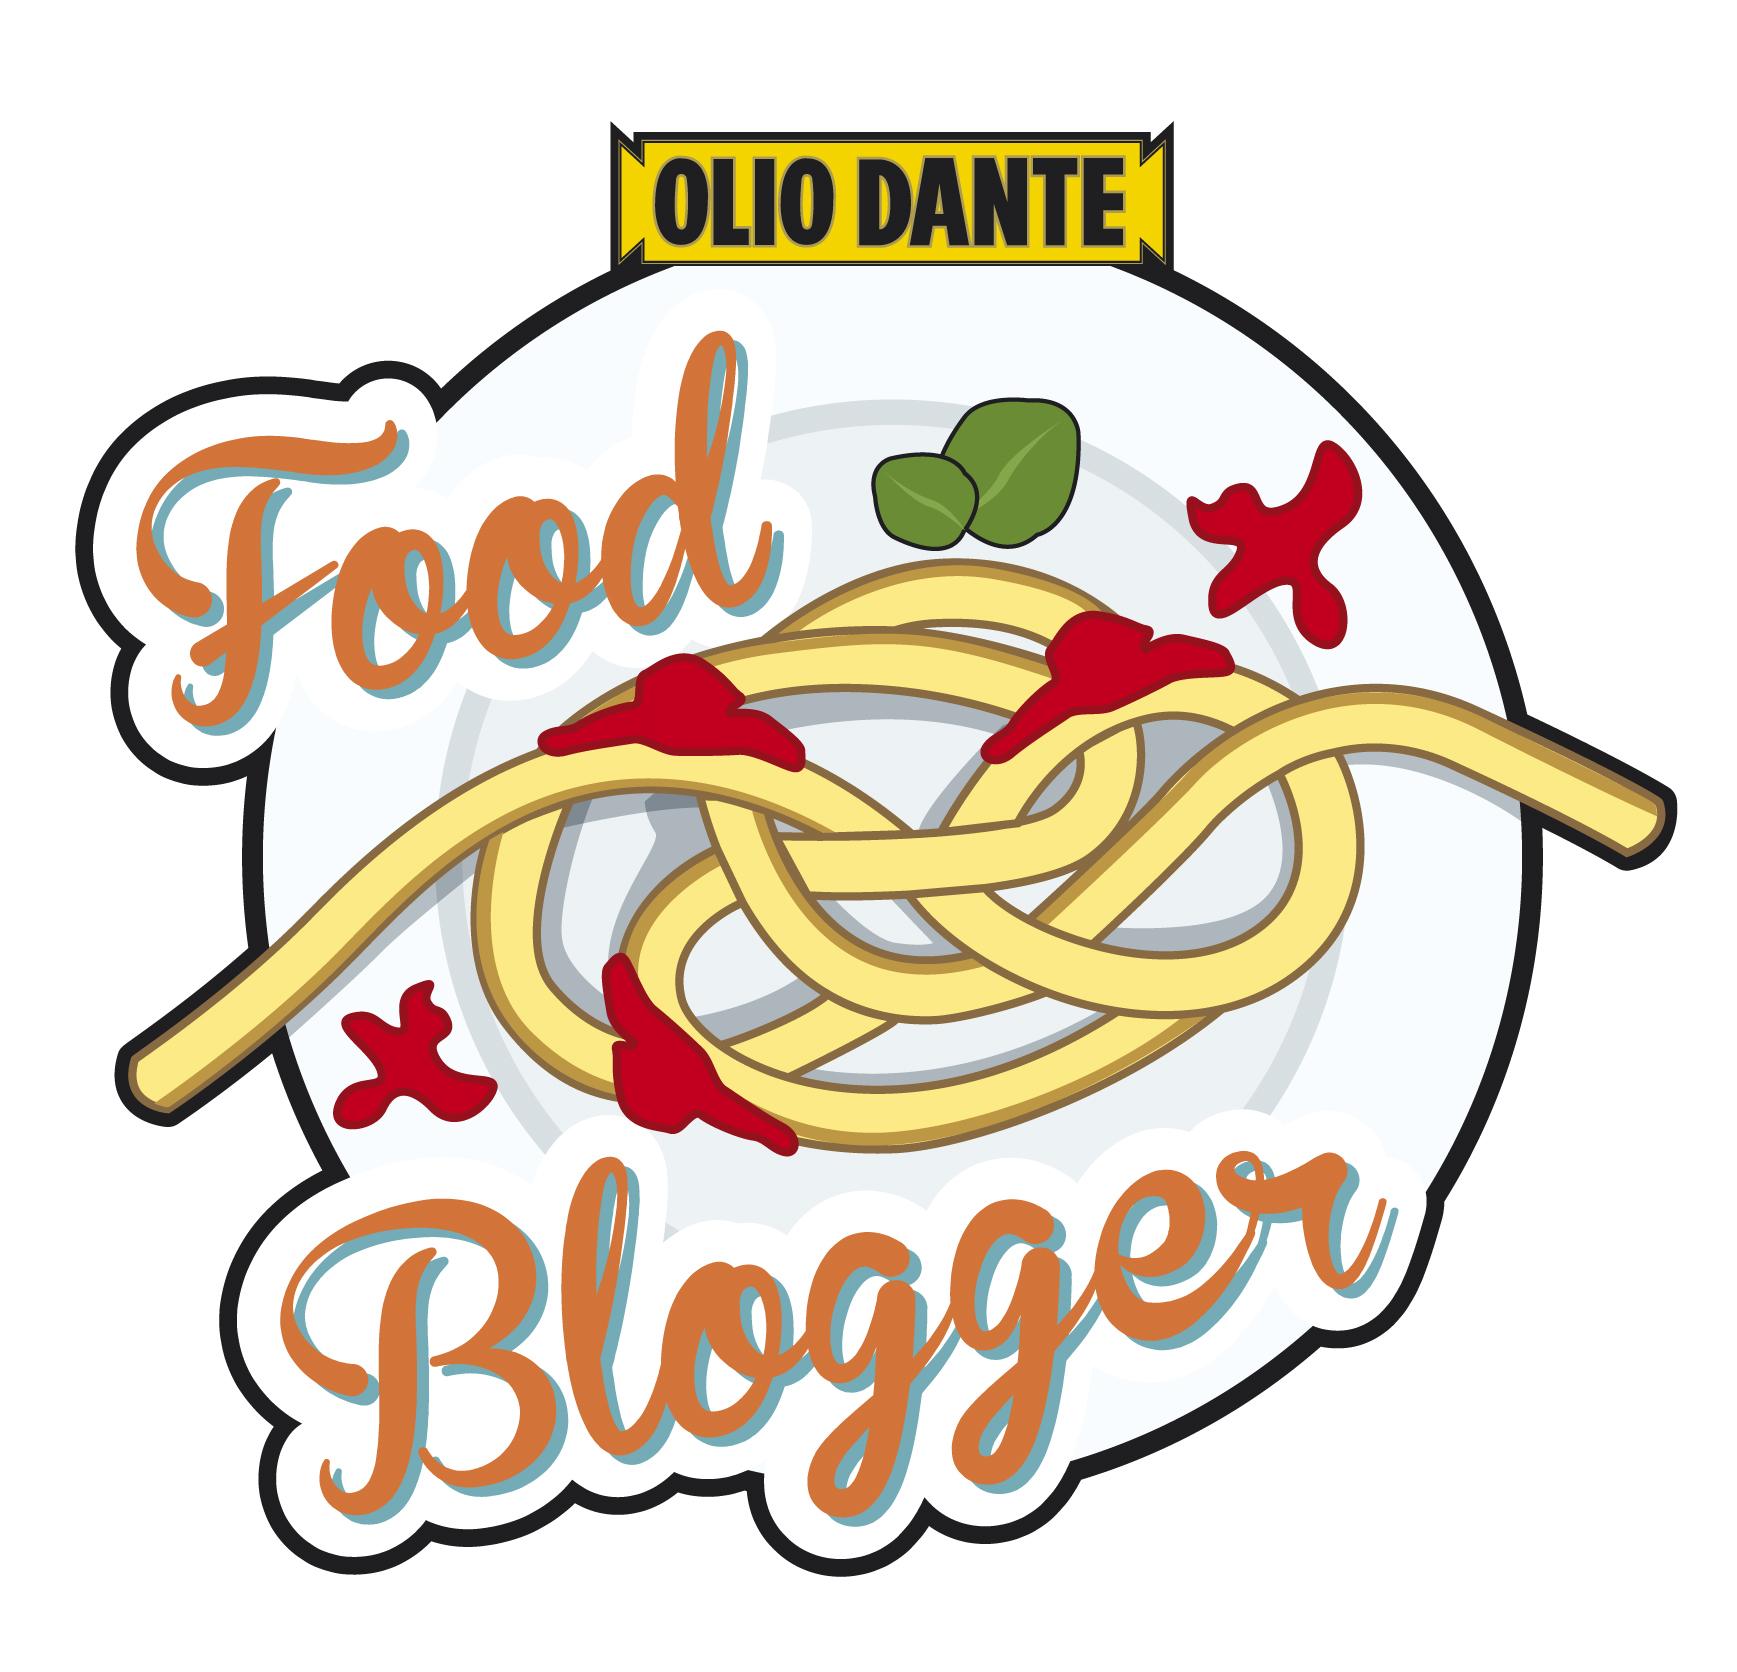 per Olio Dante